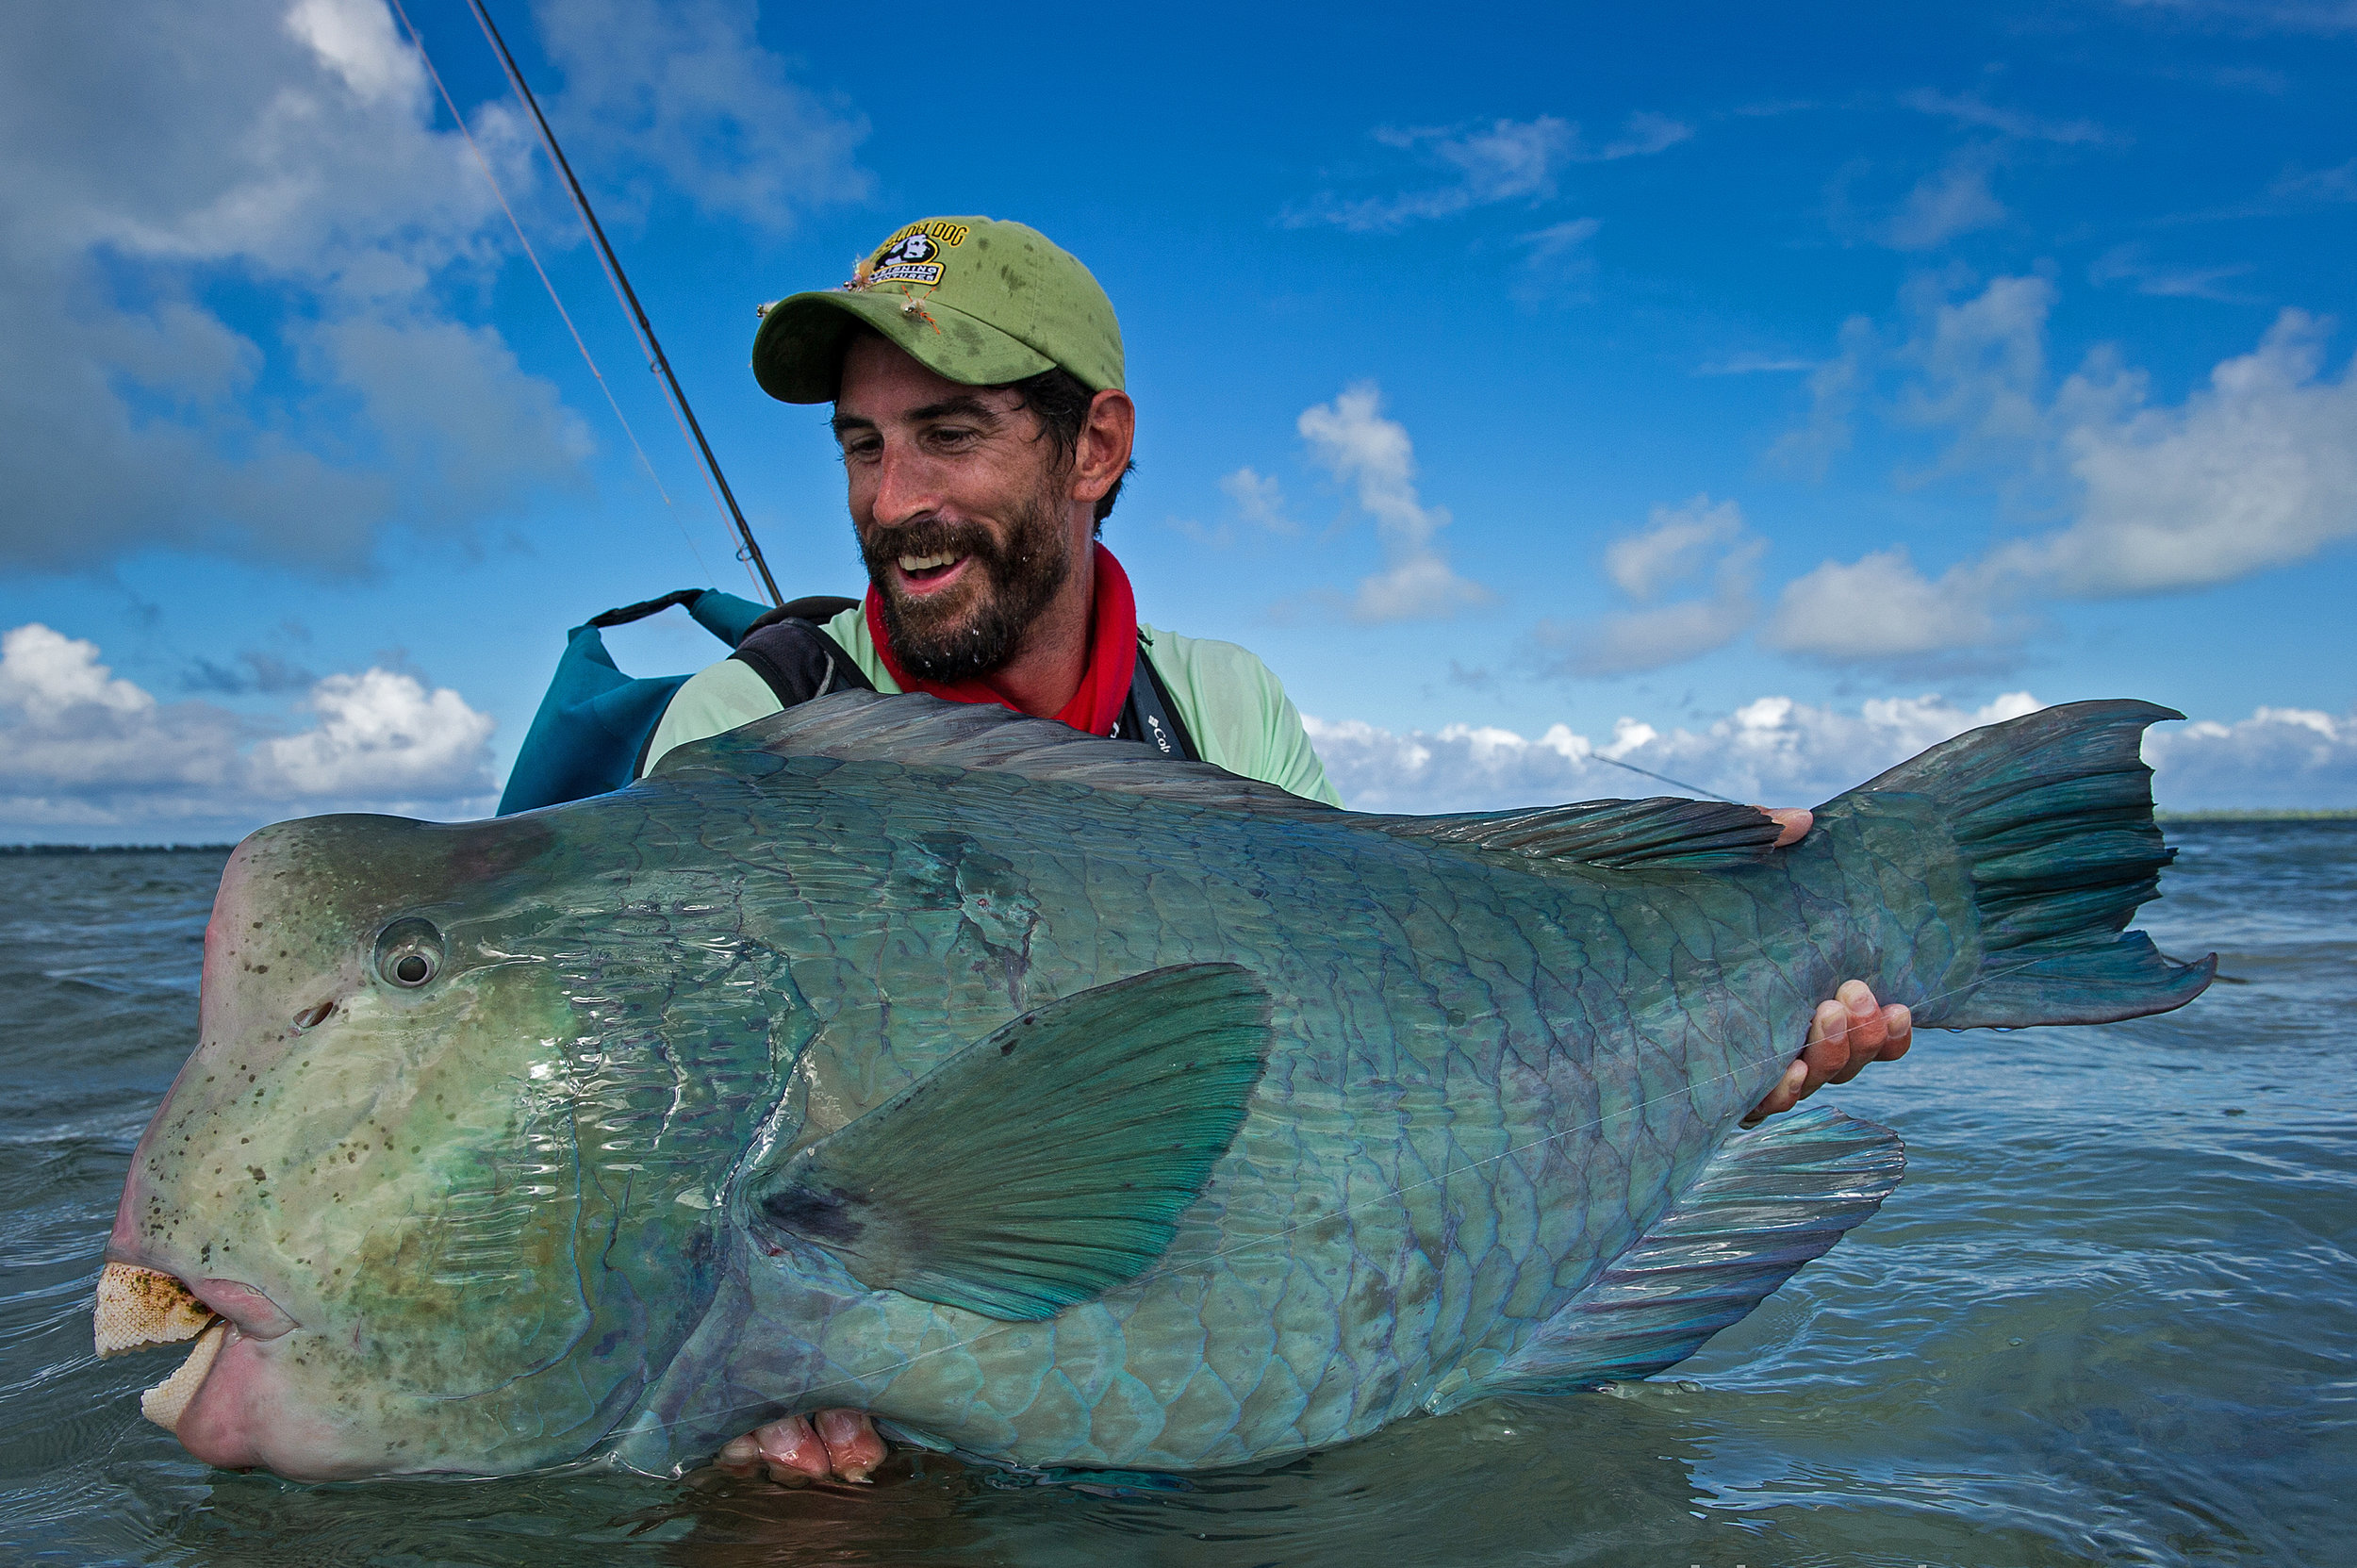 fqh-fishing-2.jpg